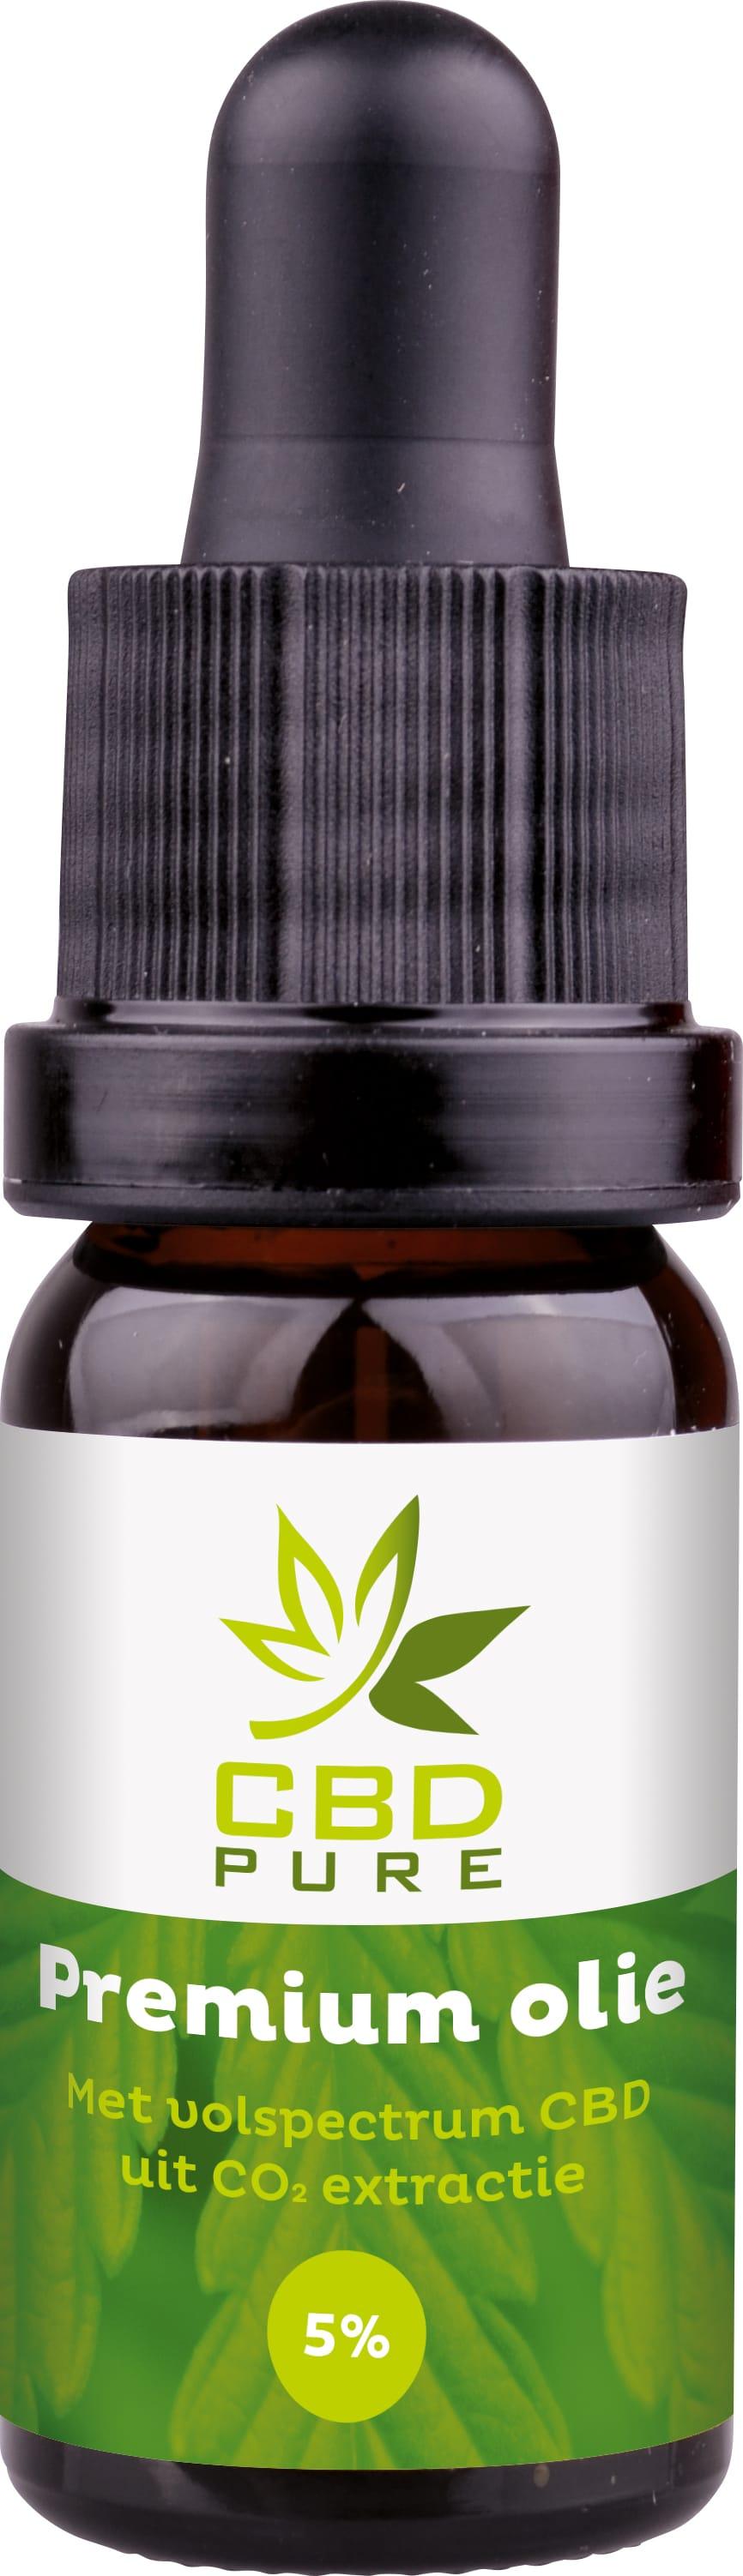 CBD Pure Premium olie druppelaar met 5% CBD-percentage en een inhoud van 10 milliliter.